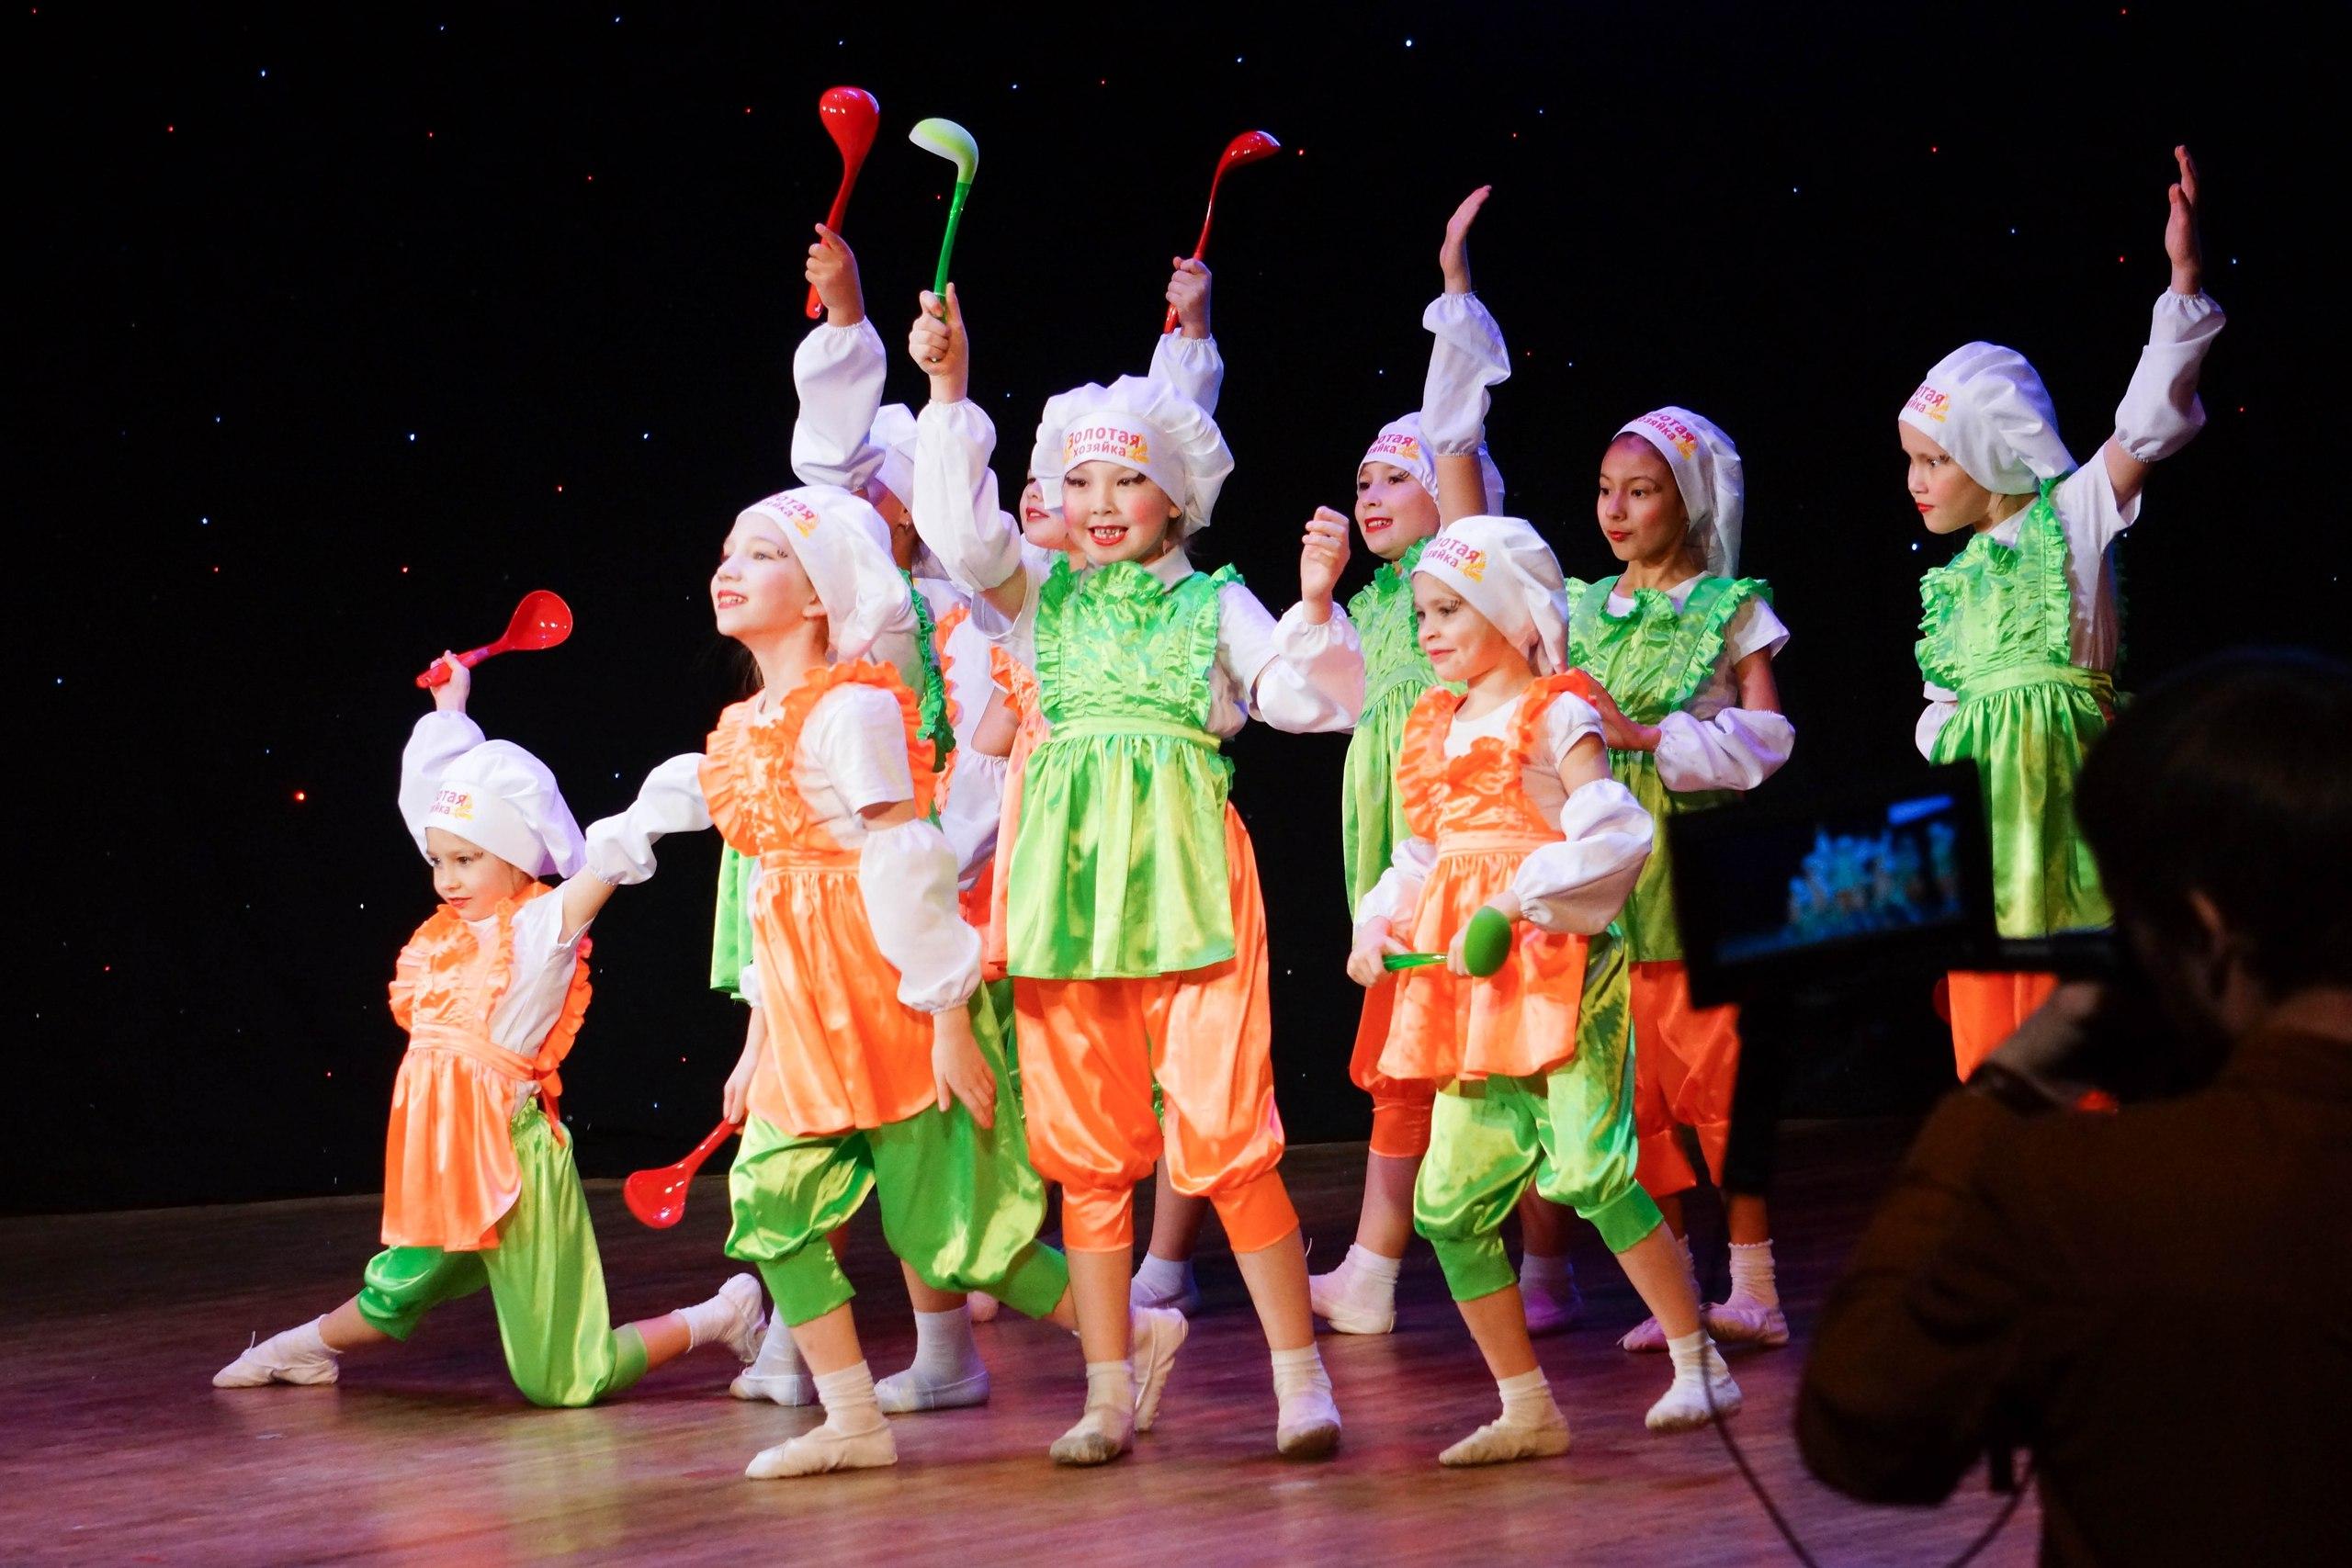 V международный конкурс хореографического мастерства имени Родиона Юмашева «Территория Танца»